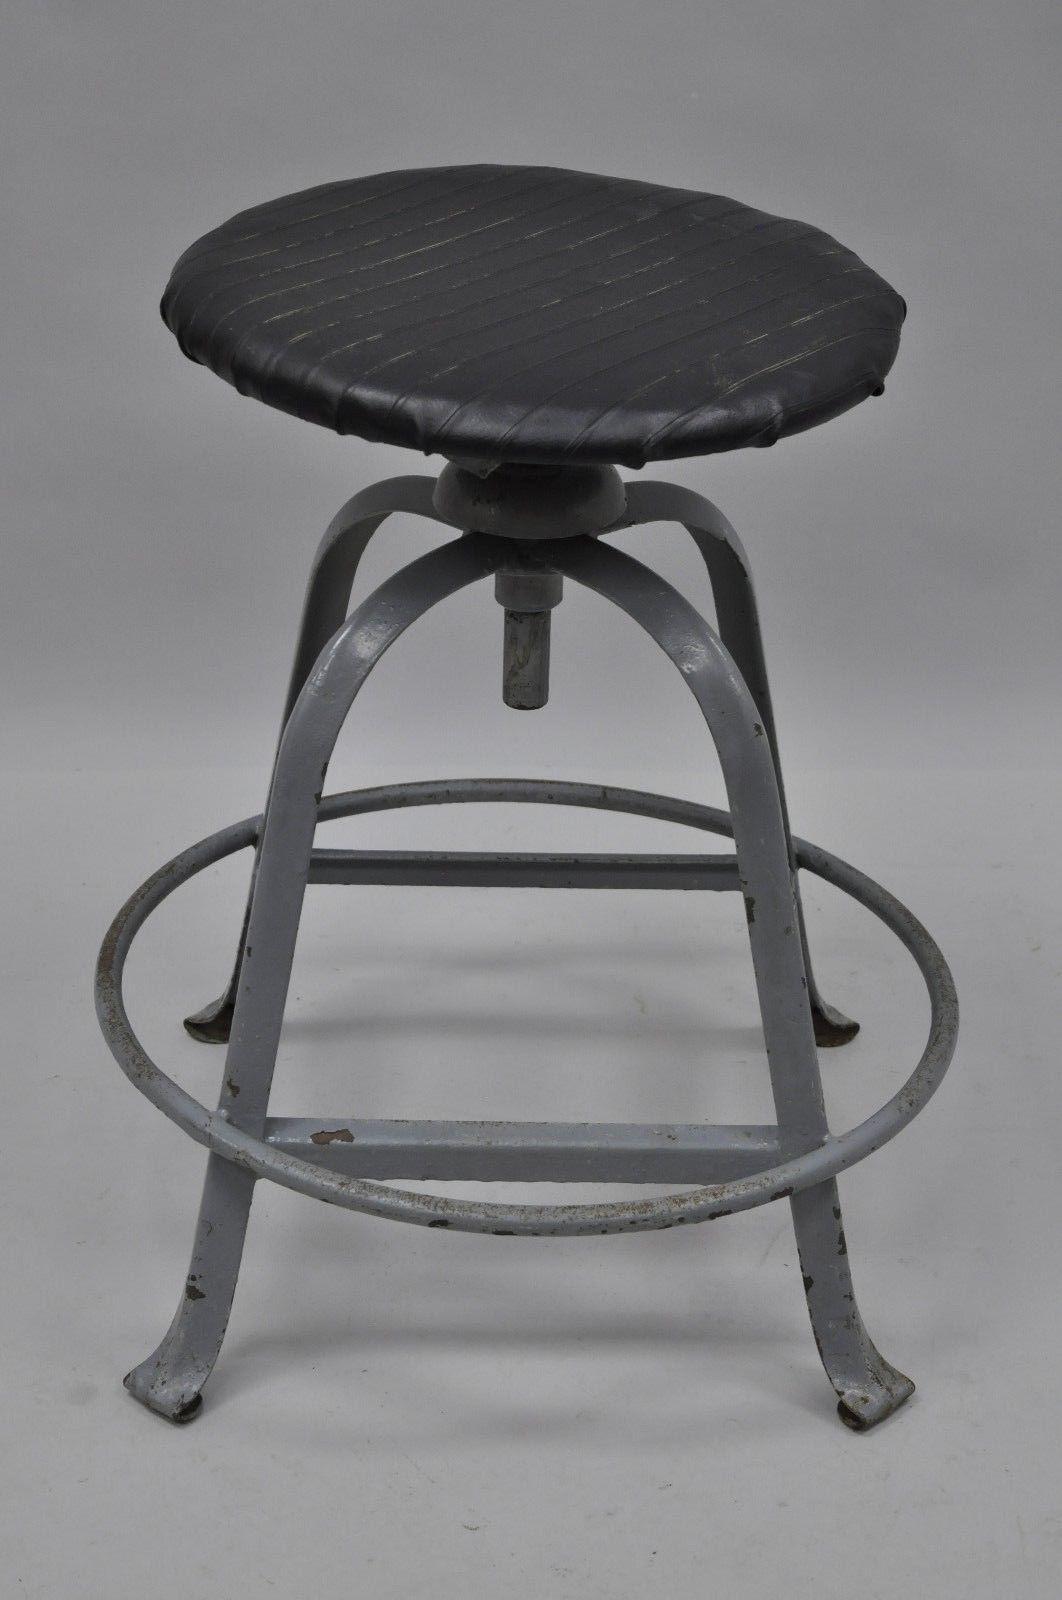 Antique American Industrial Grey Steel Metal Adjustable Work Stool   Image  2 Of 10